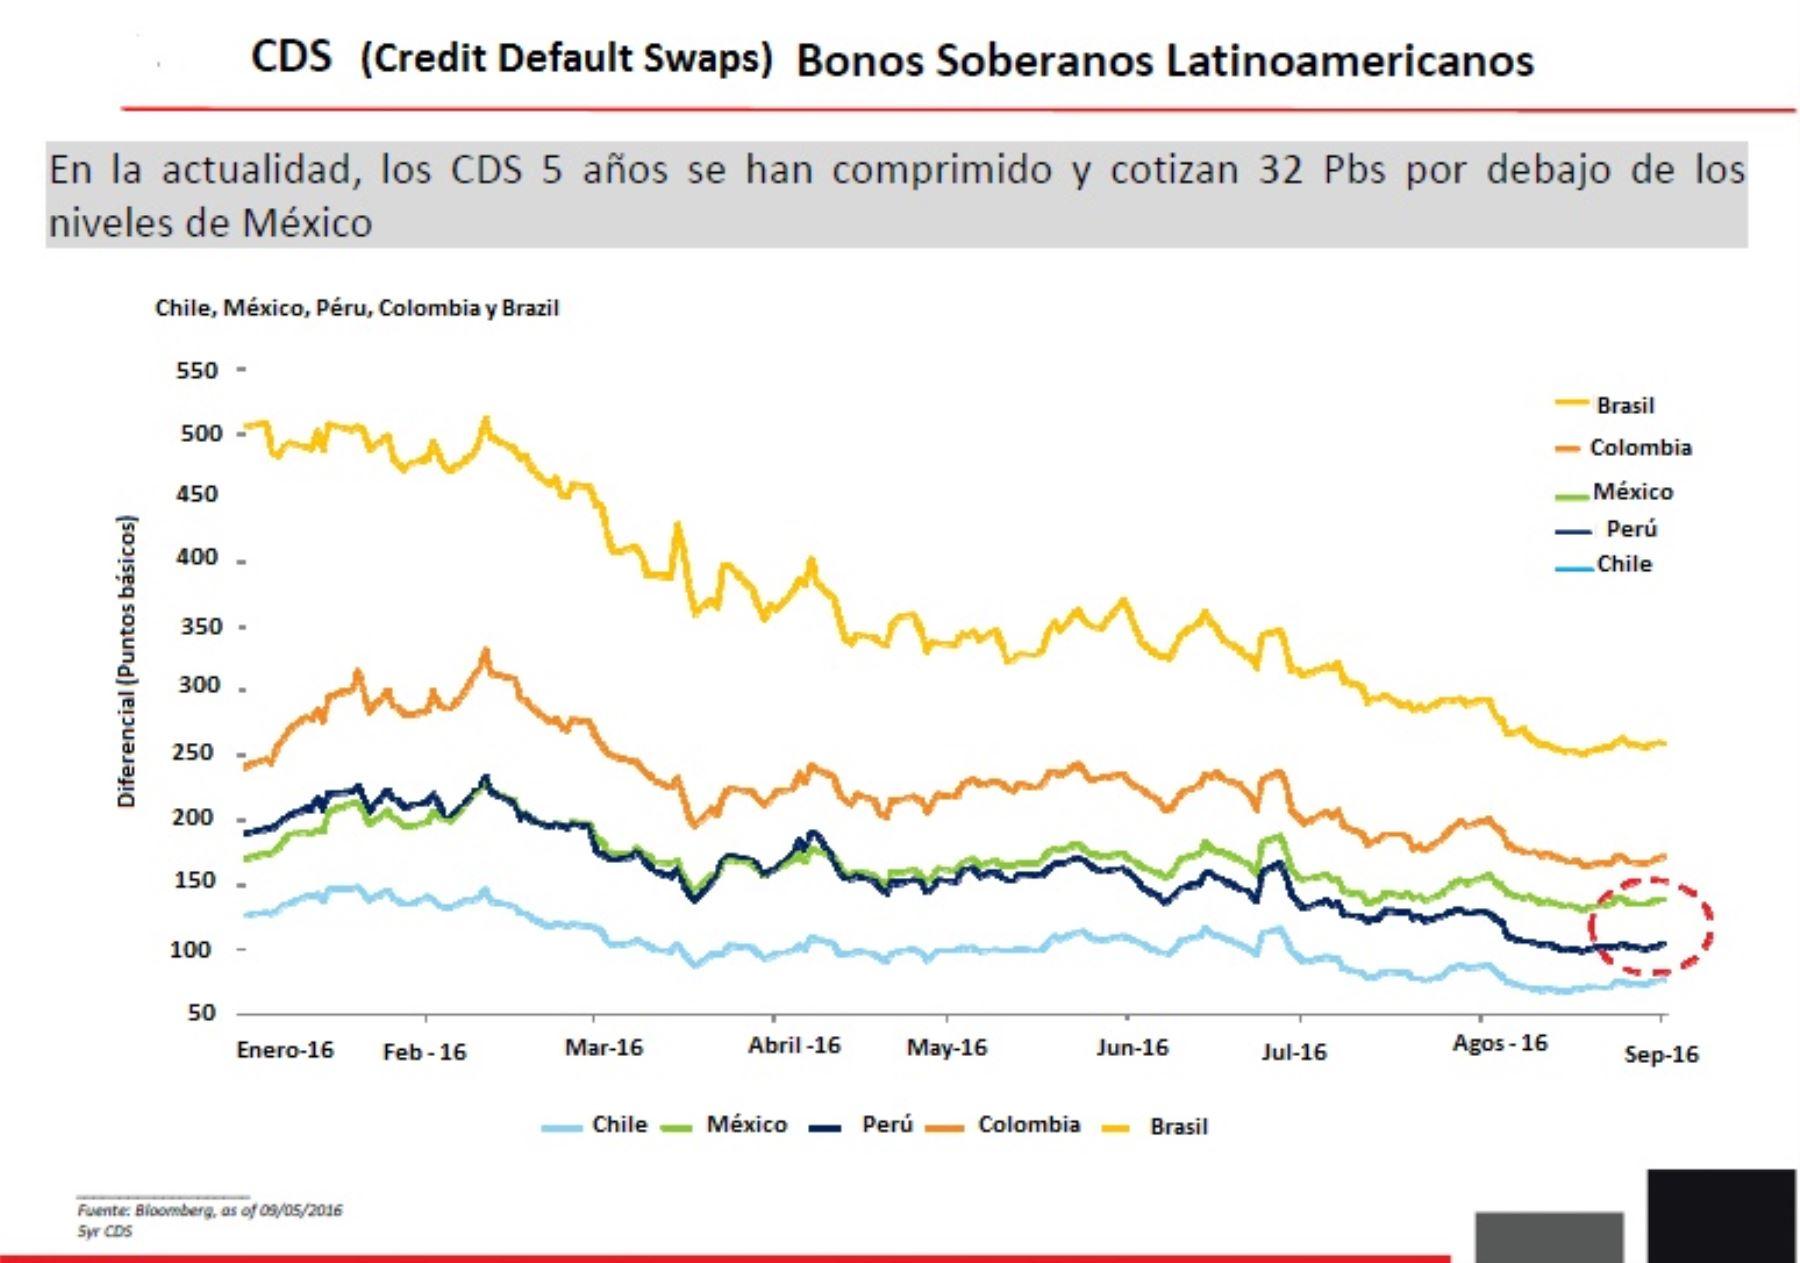 Índice CDS Bonos Soberanos Latinoamericanos. Fuente: MEF.